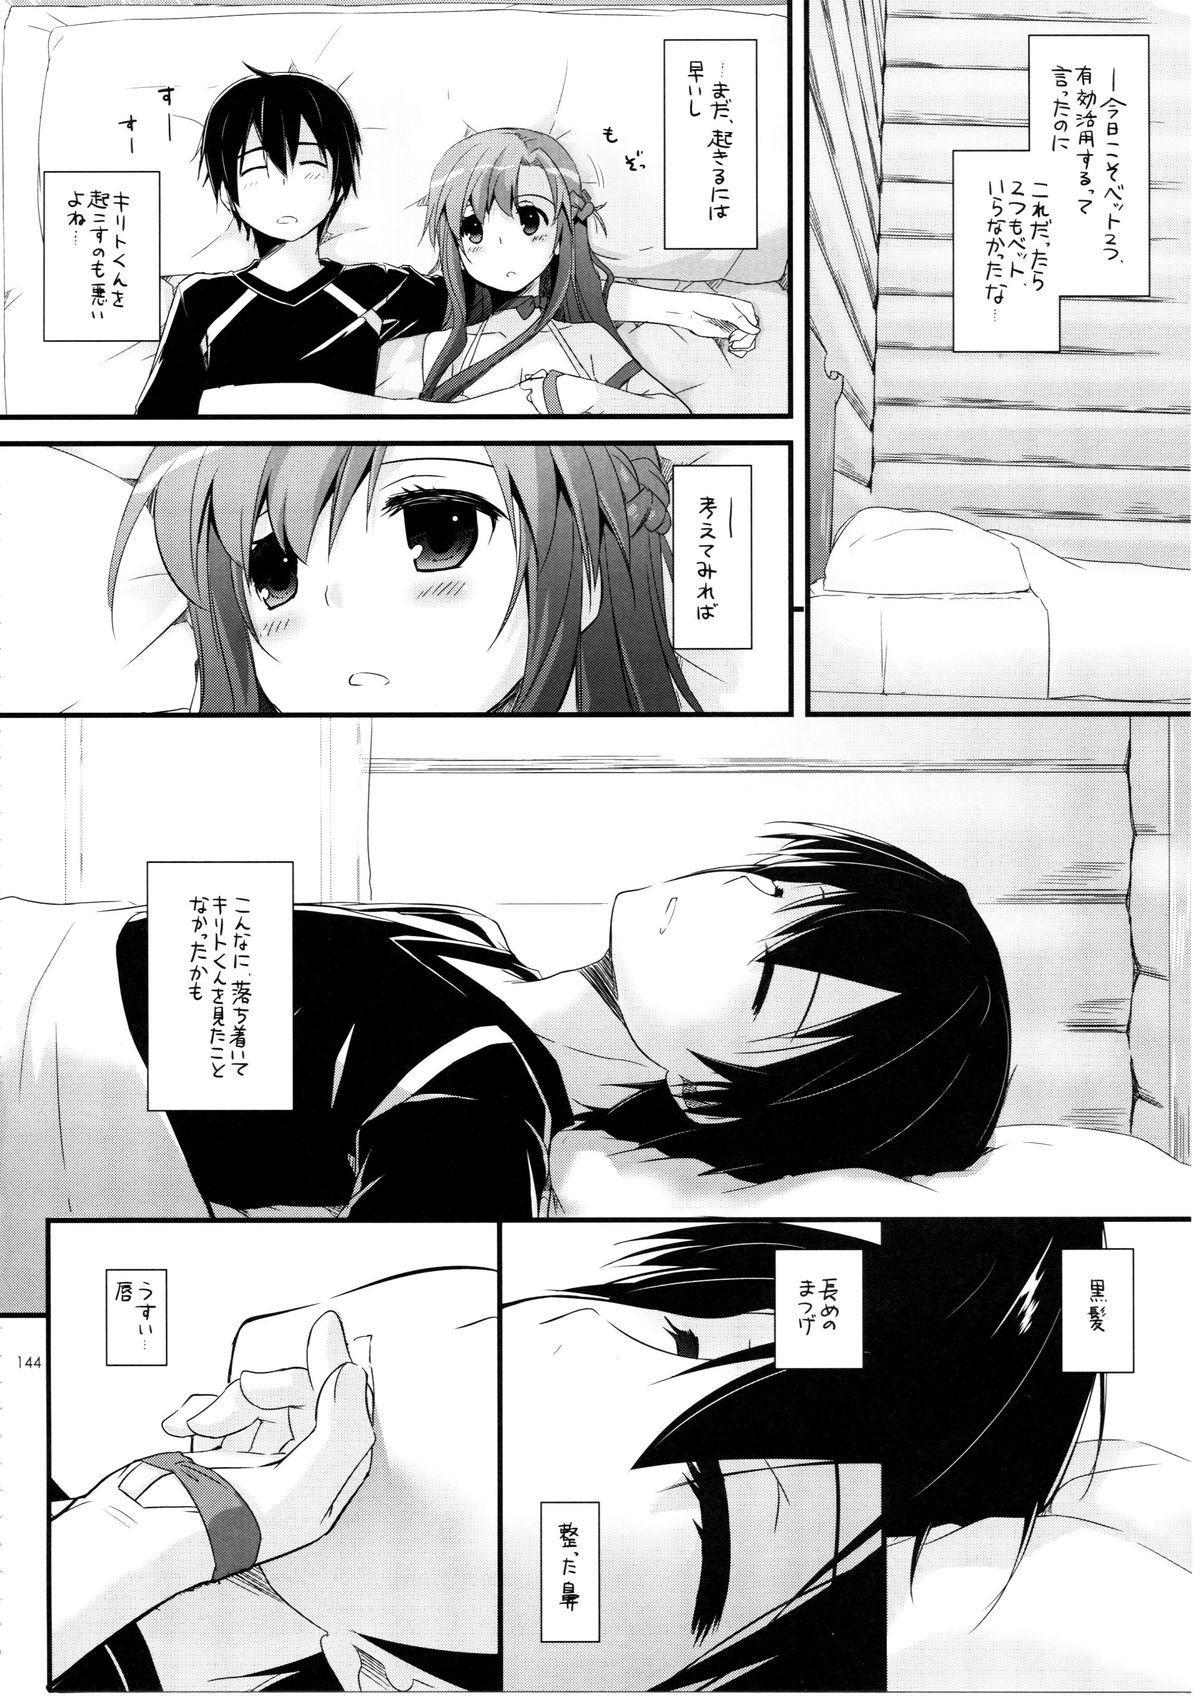 DL-AW&SAO Soushuuhen 142